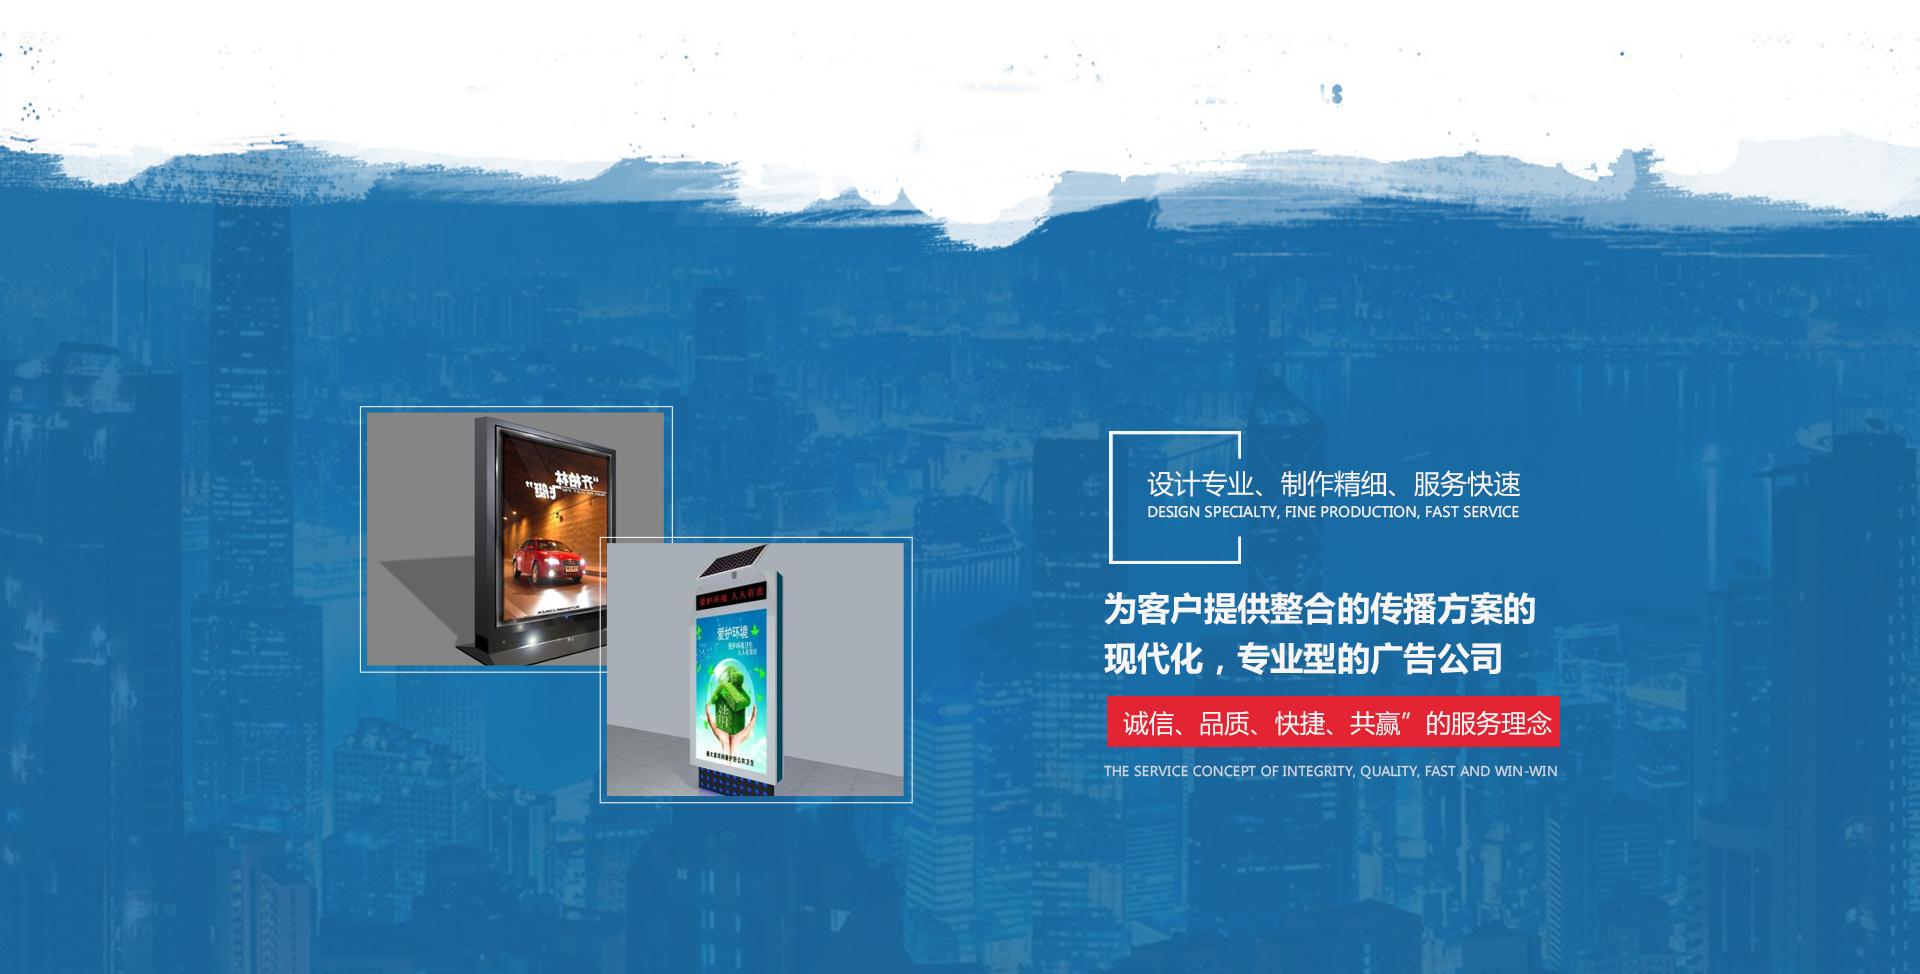 重庆喷绘制作公司